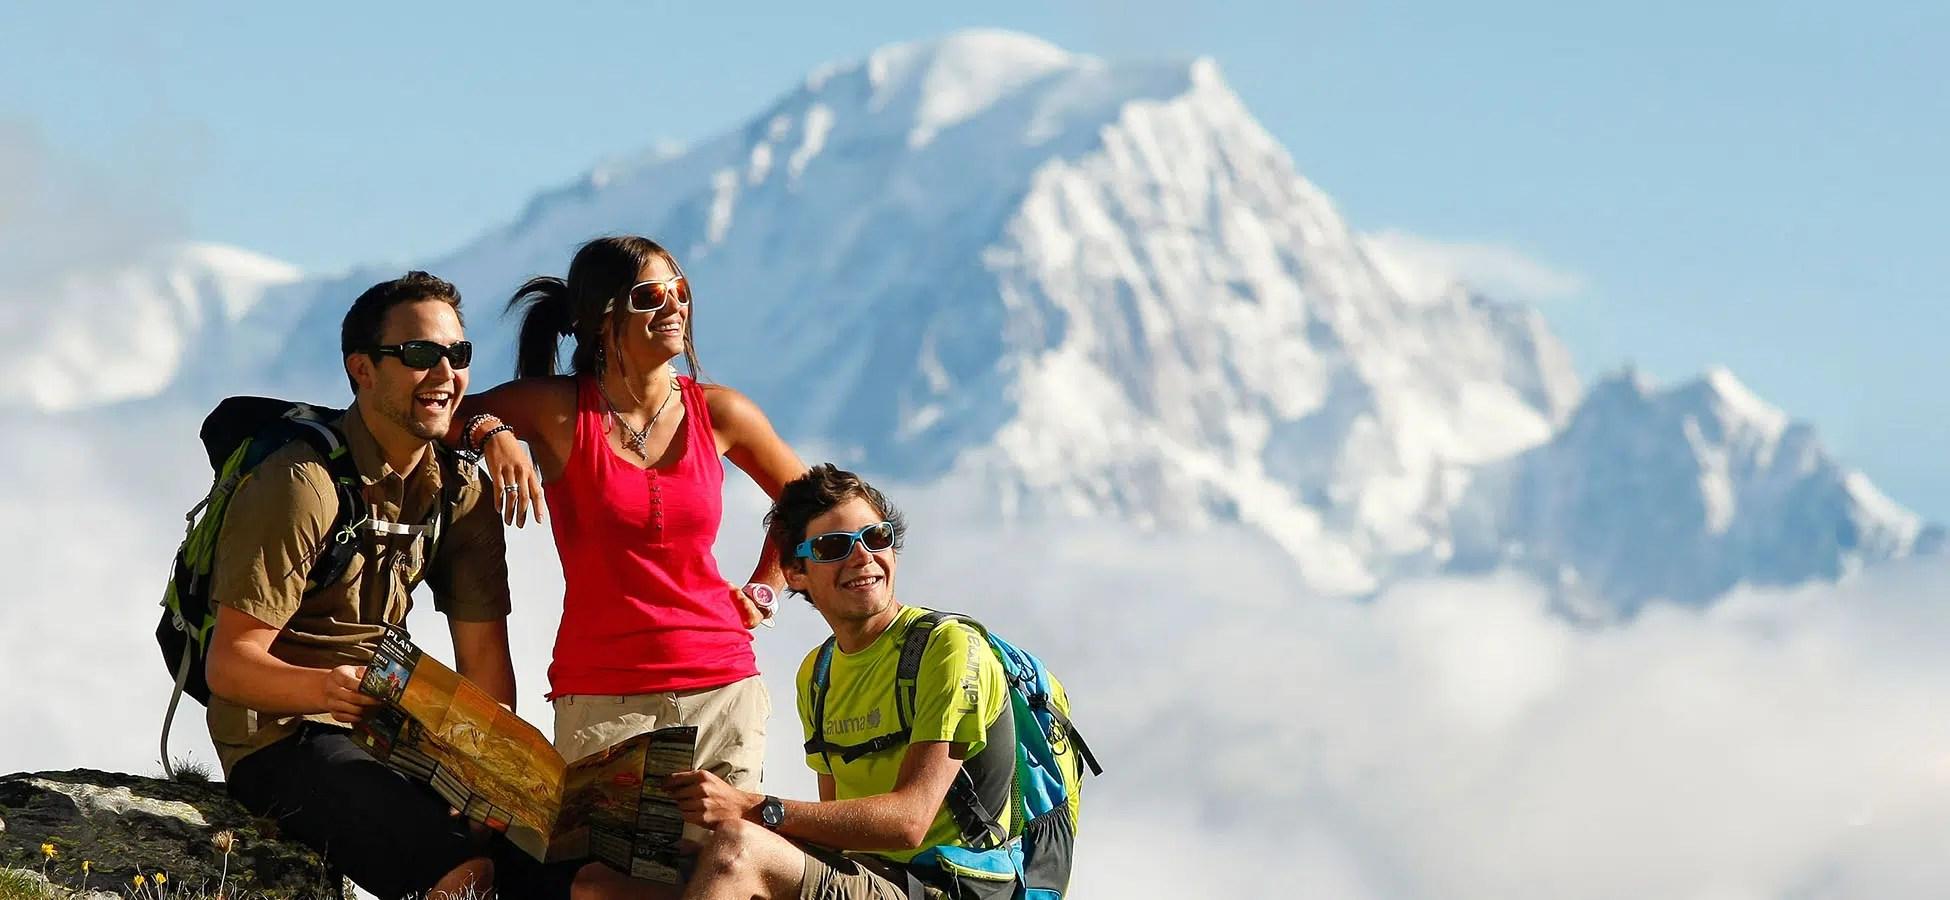 Reportage photographique d'illustration pour le Tourisme au Mont-Blanc